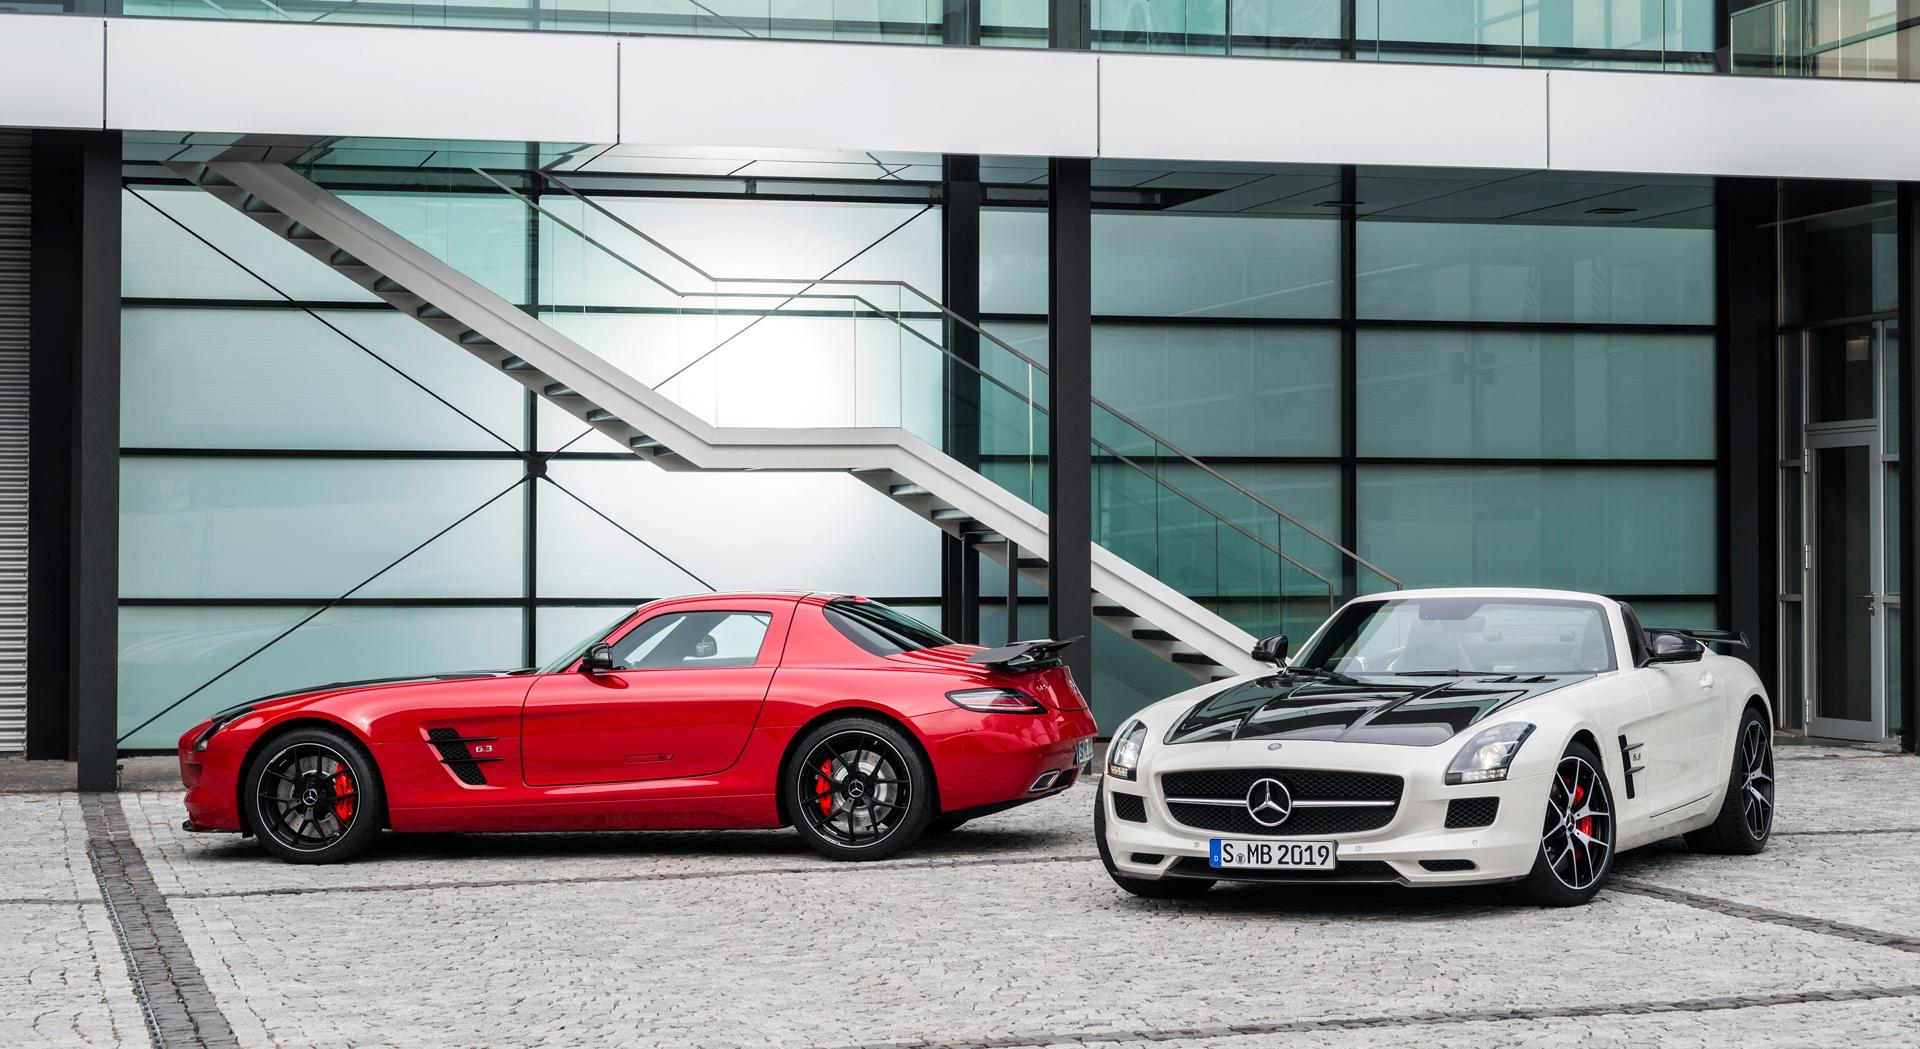 Mercedes benz sls amg white red hd desktop wallpapers for Mercedes benz sls amg red